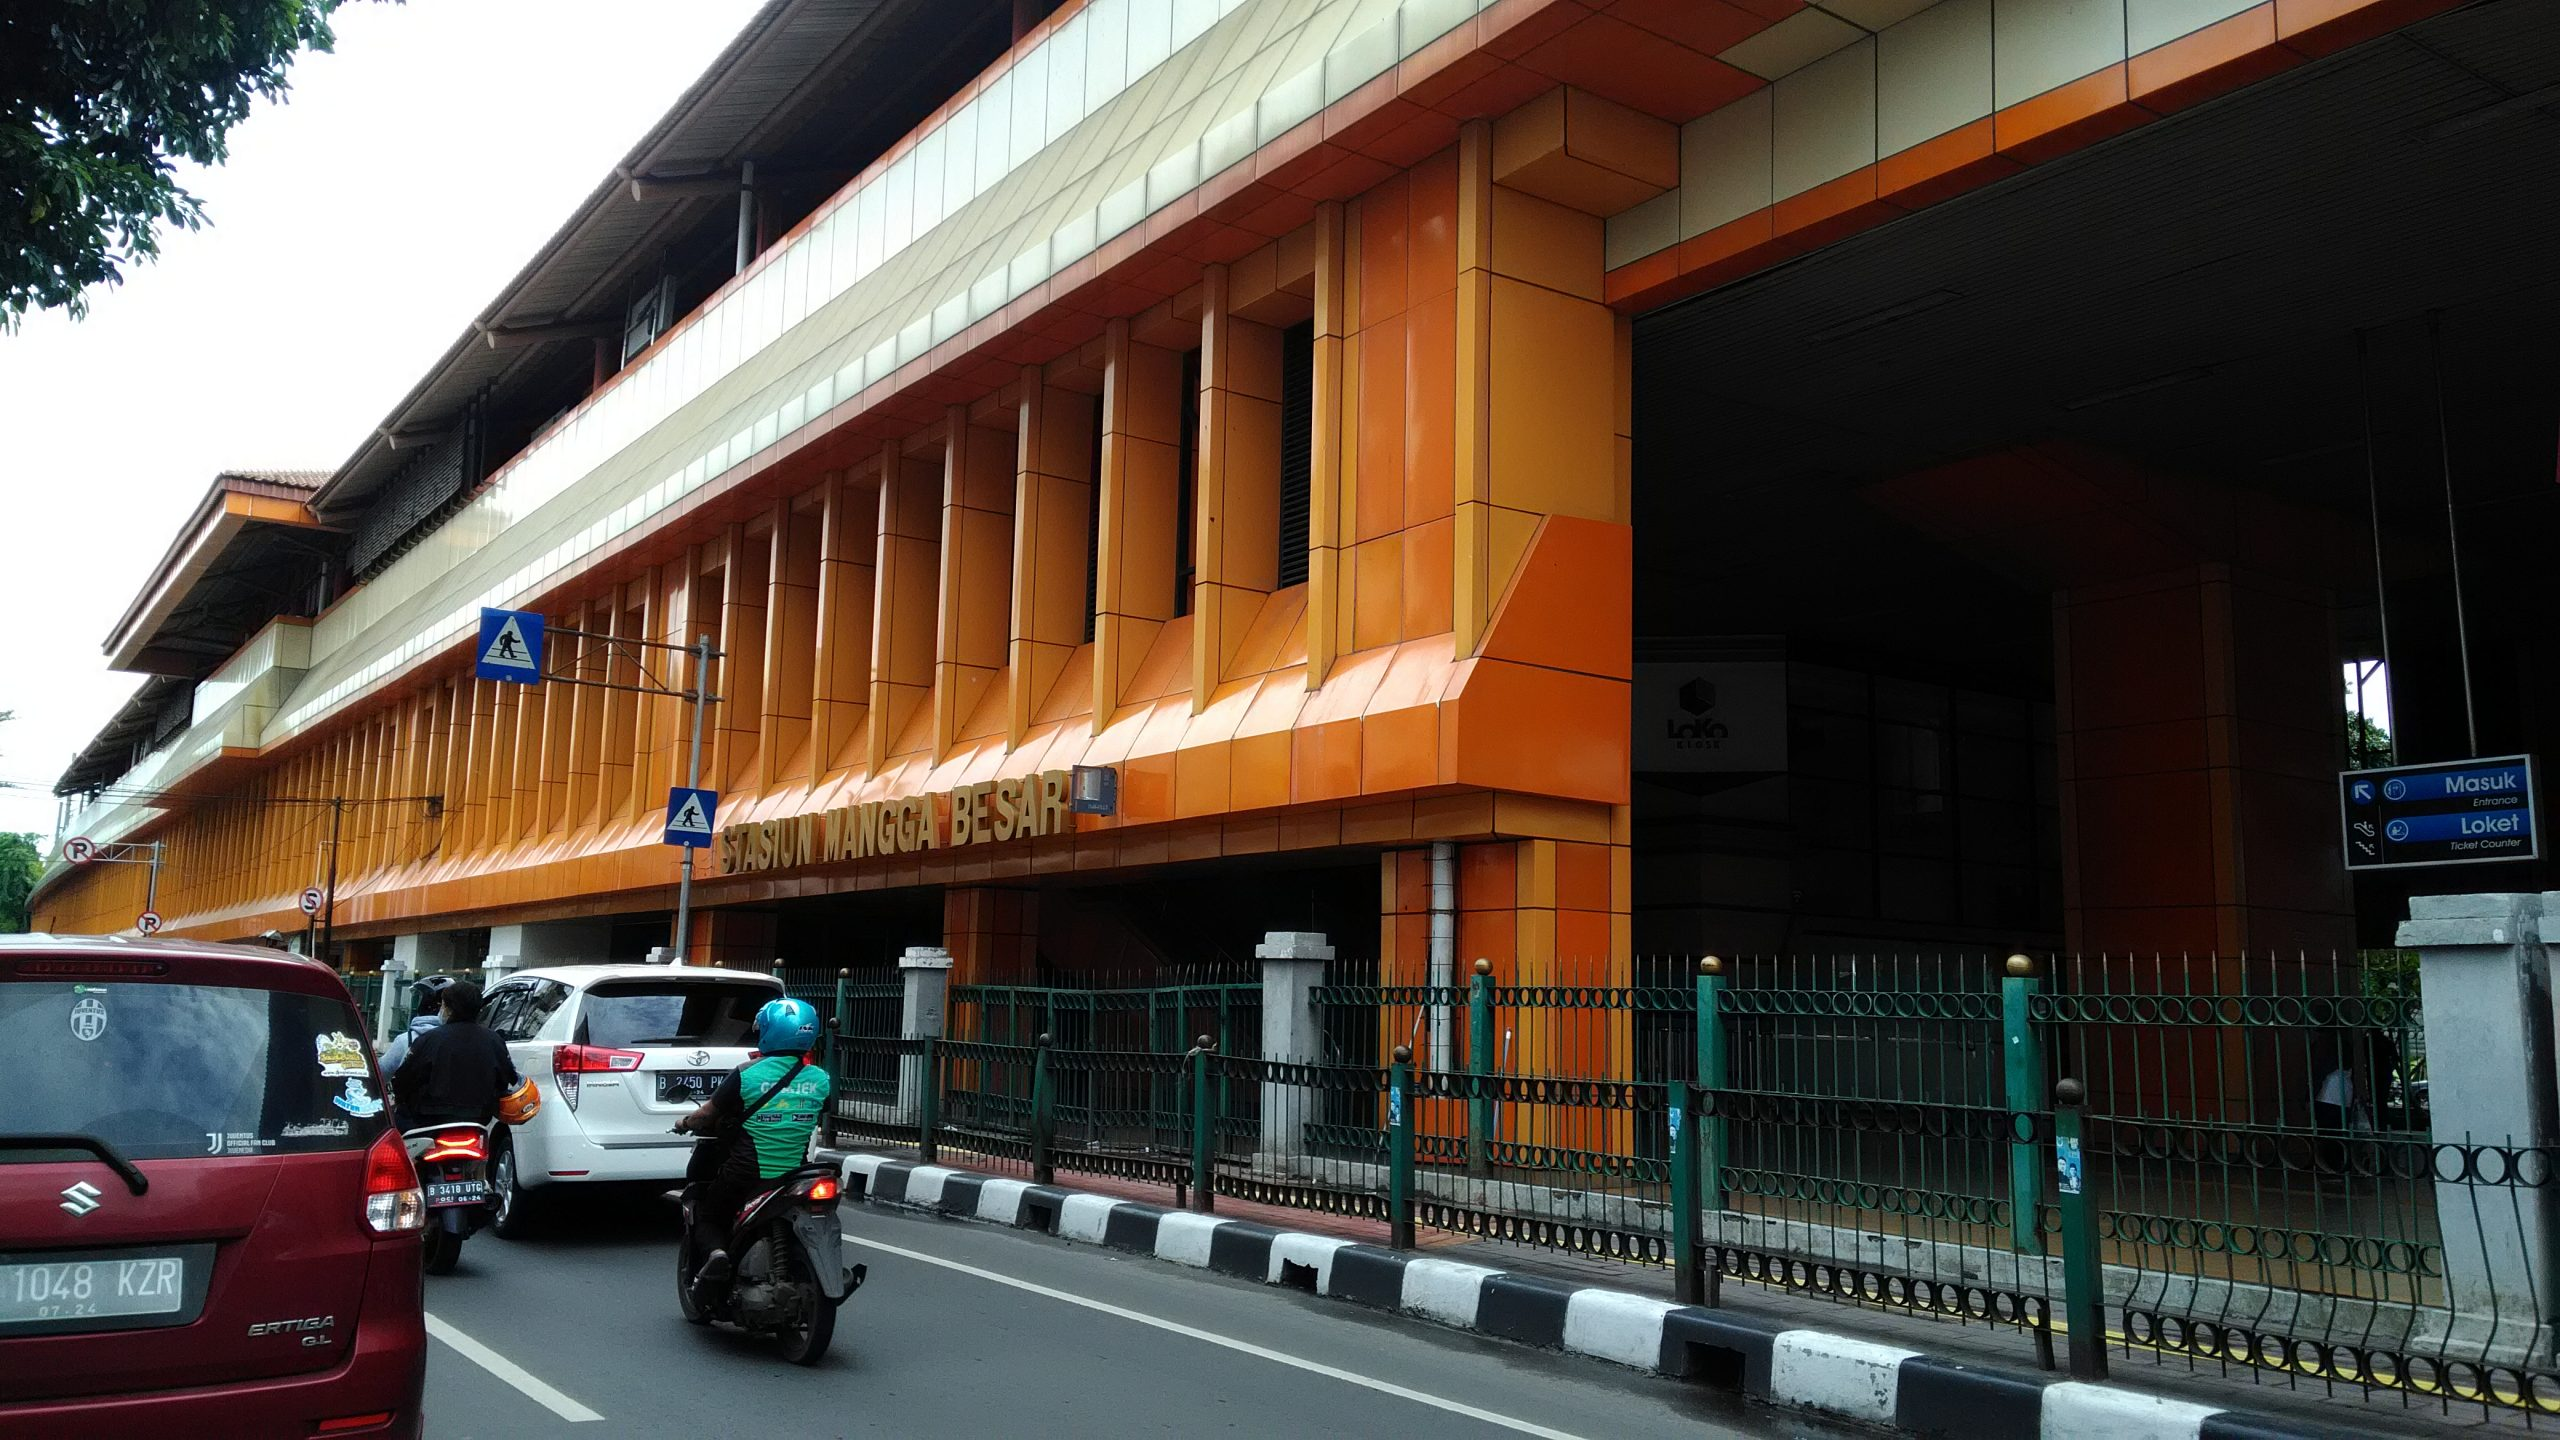 Stasiun_Mangga_Besar_2020